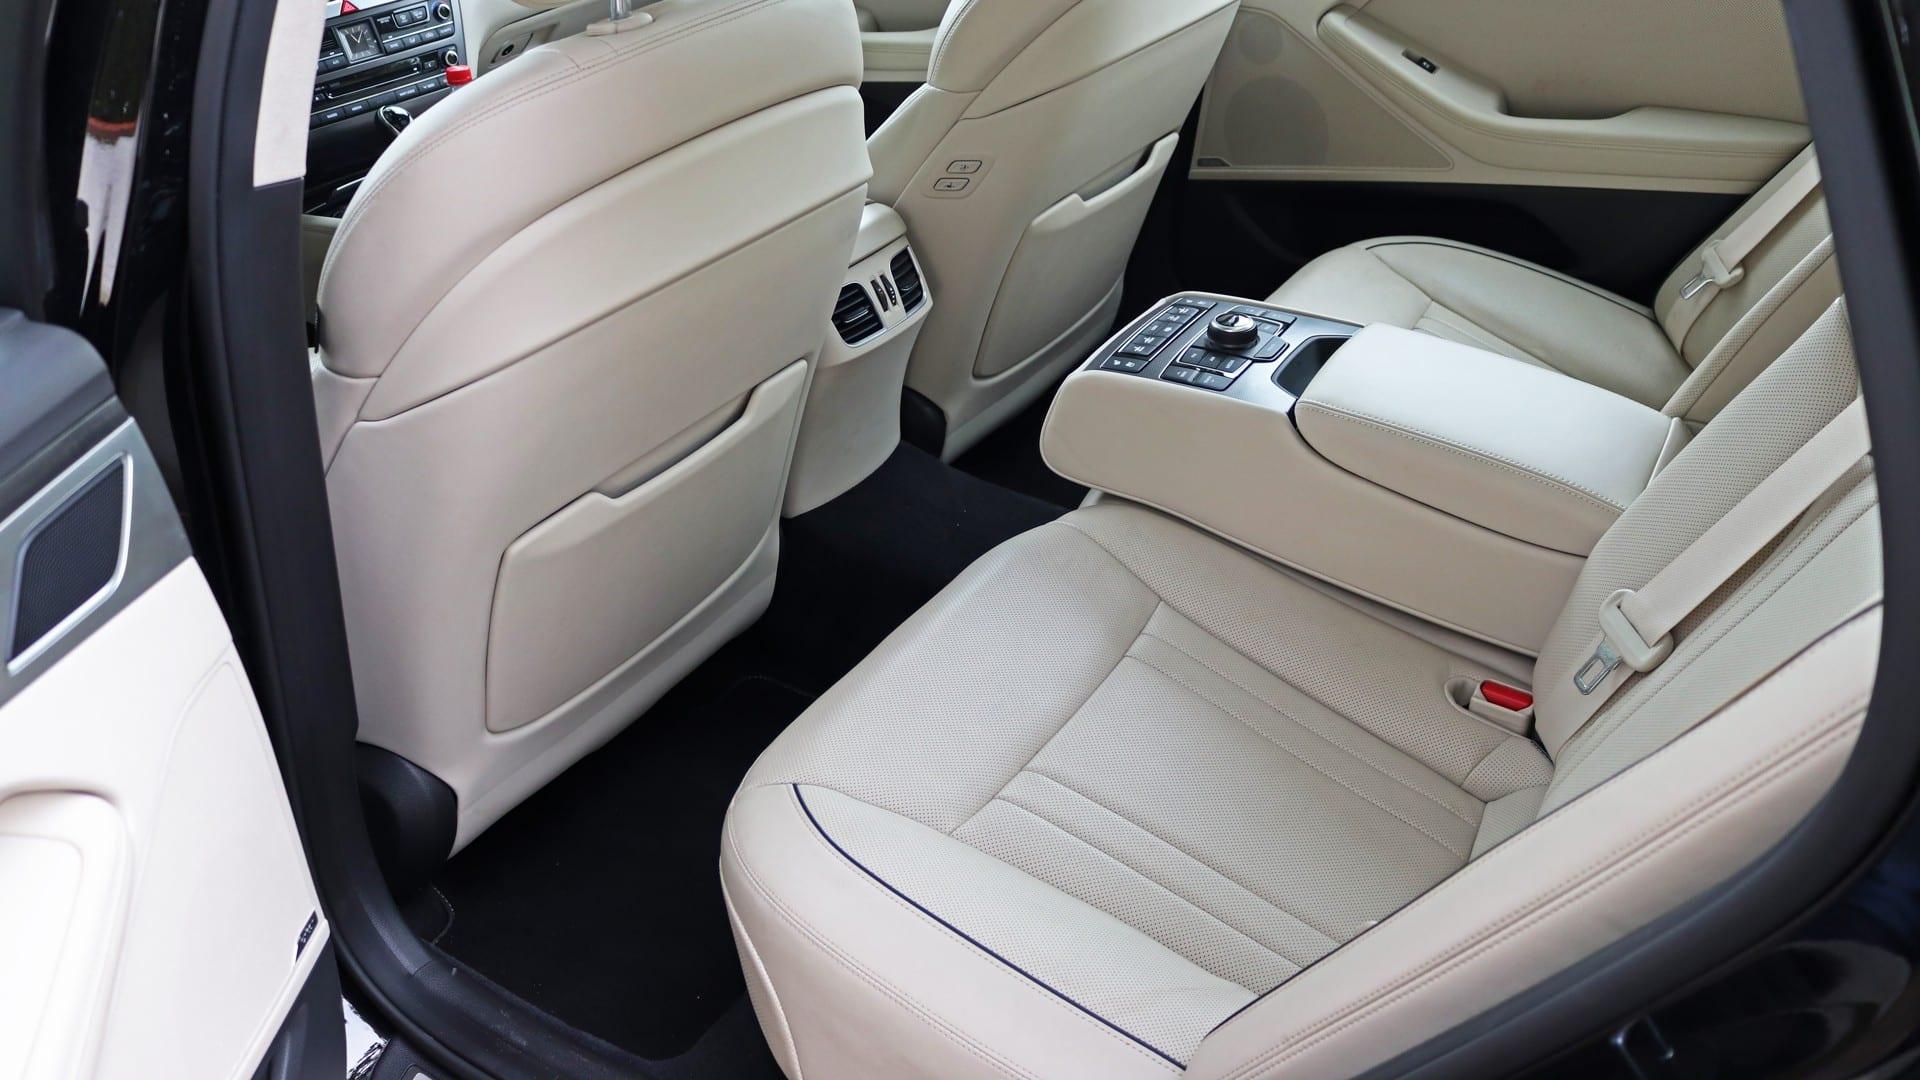 Test - Hyundai Genesis 3.8 GDI V6 zadní sedačky